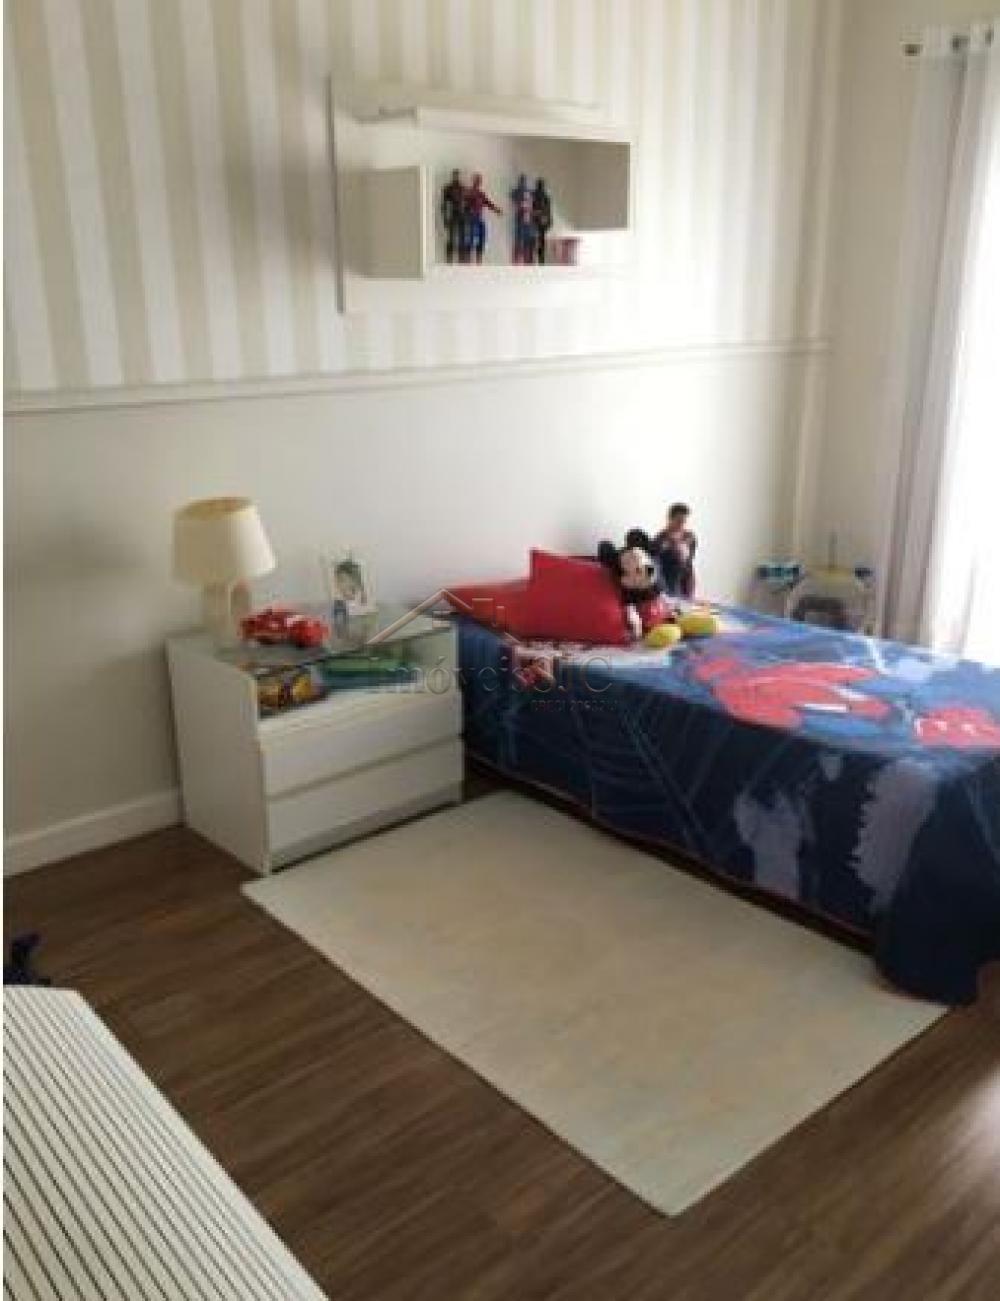 Comprar Casas / Condomínio em Jacareí apenas R$ 2.150.000,00 - Foto 18